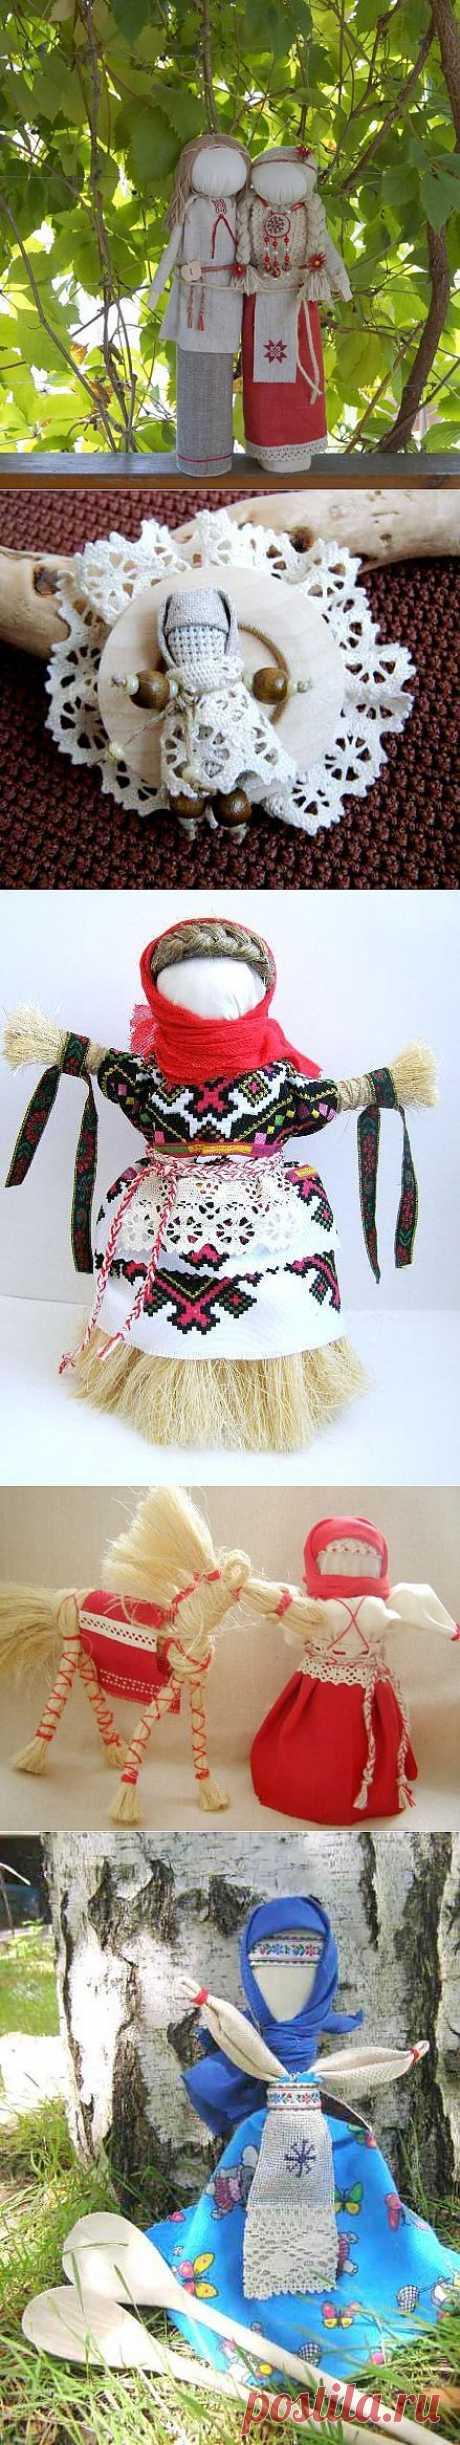 Куклы-обереги в Славянской культуре. Часть 2 / Разнообразные игрушки ручной работы / PassionForum - мастер-классы по рукоделию